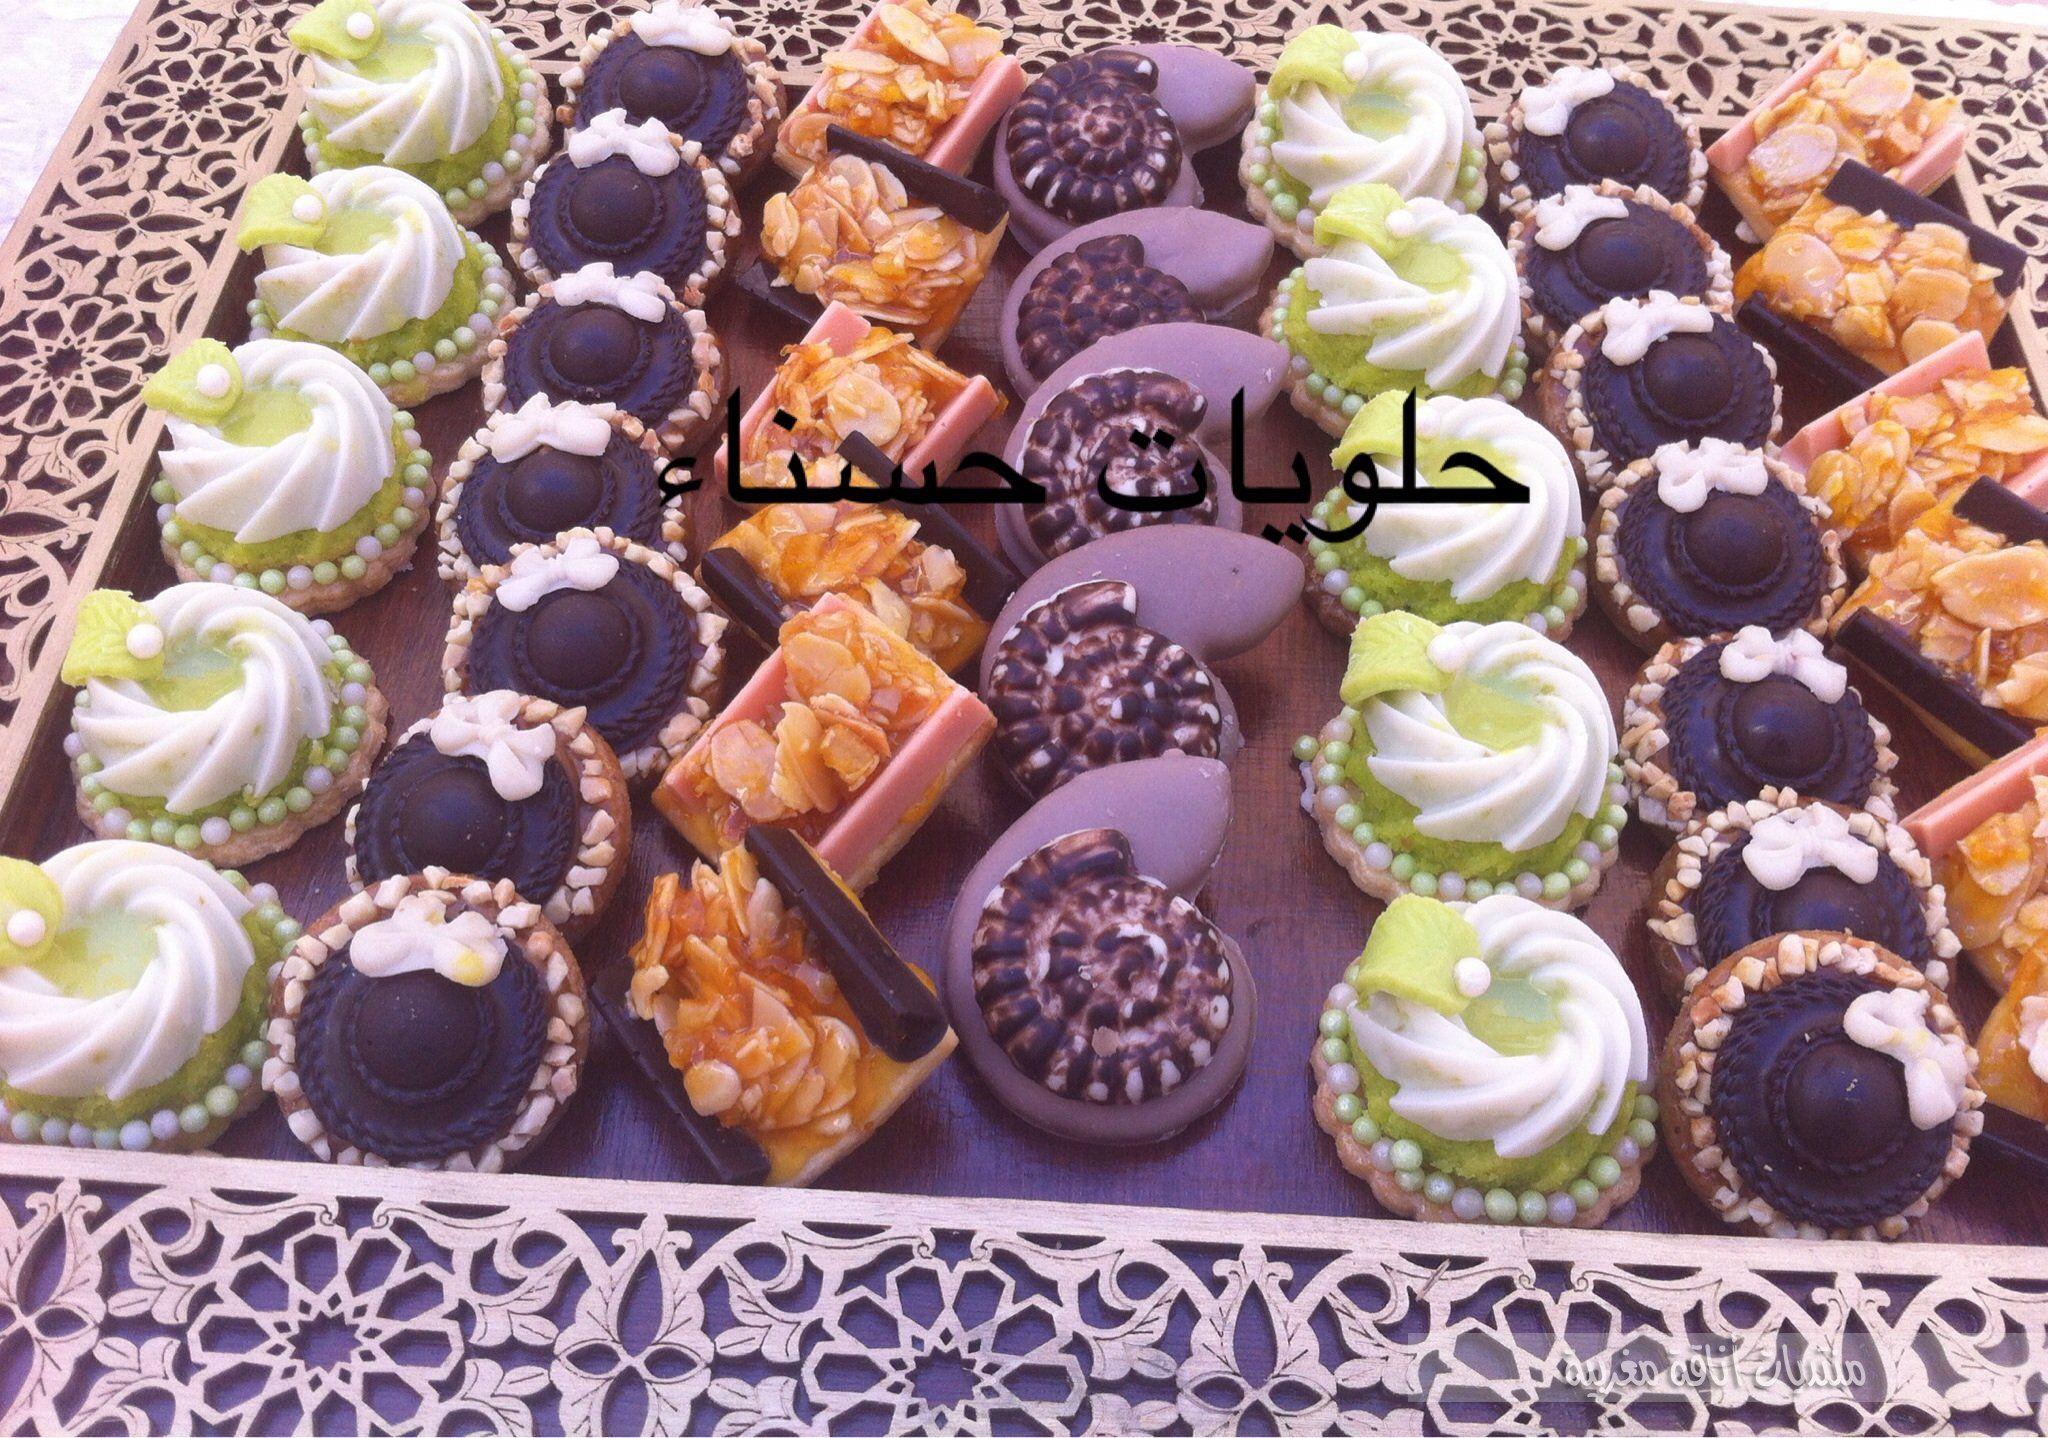 السلام عليكم اخواتي جيت اليوم نتشارك معكن هاد الصابلي بريستيج ارجو منكن الدعاء لوالدي Persian Desserts Arabian Food Desserts